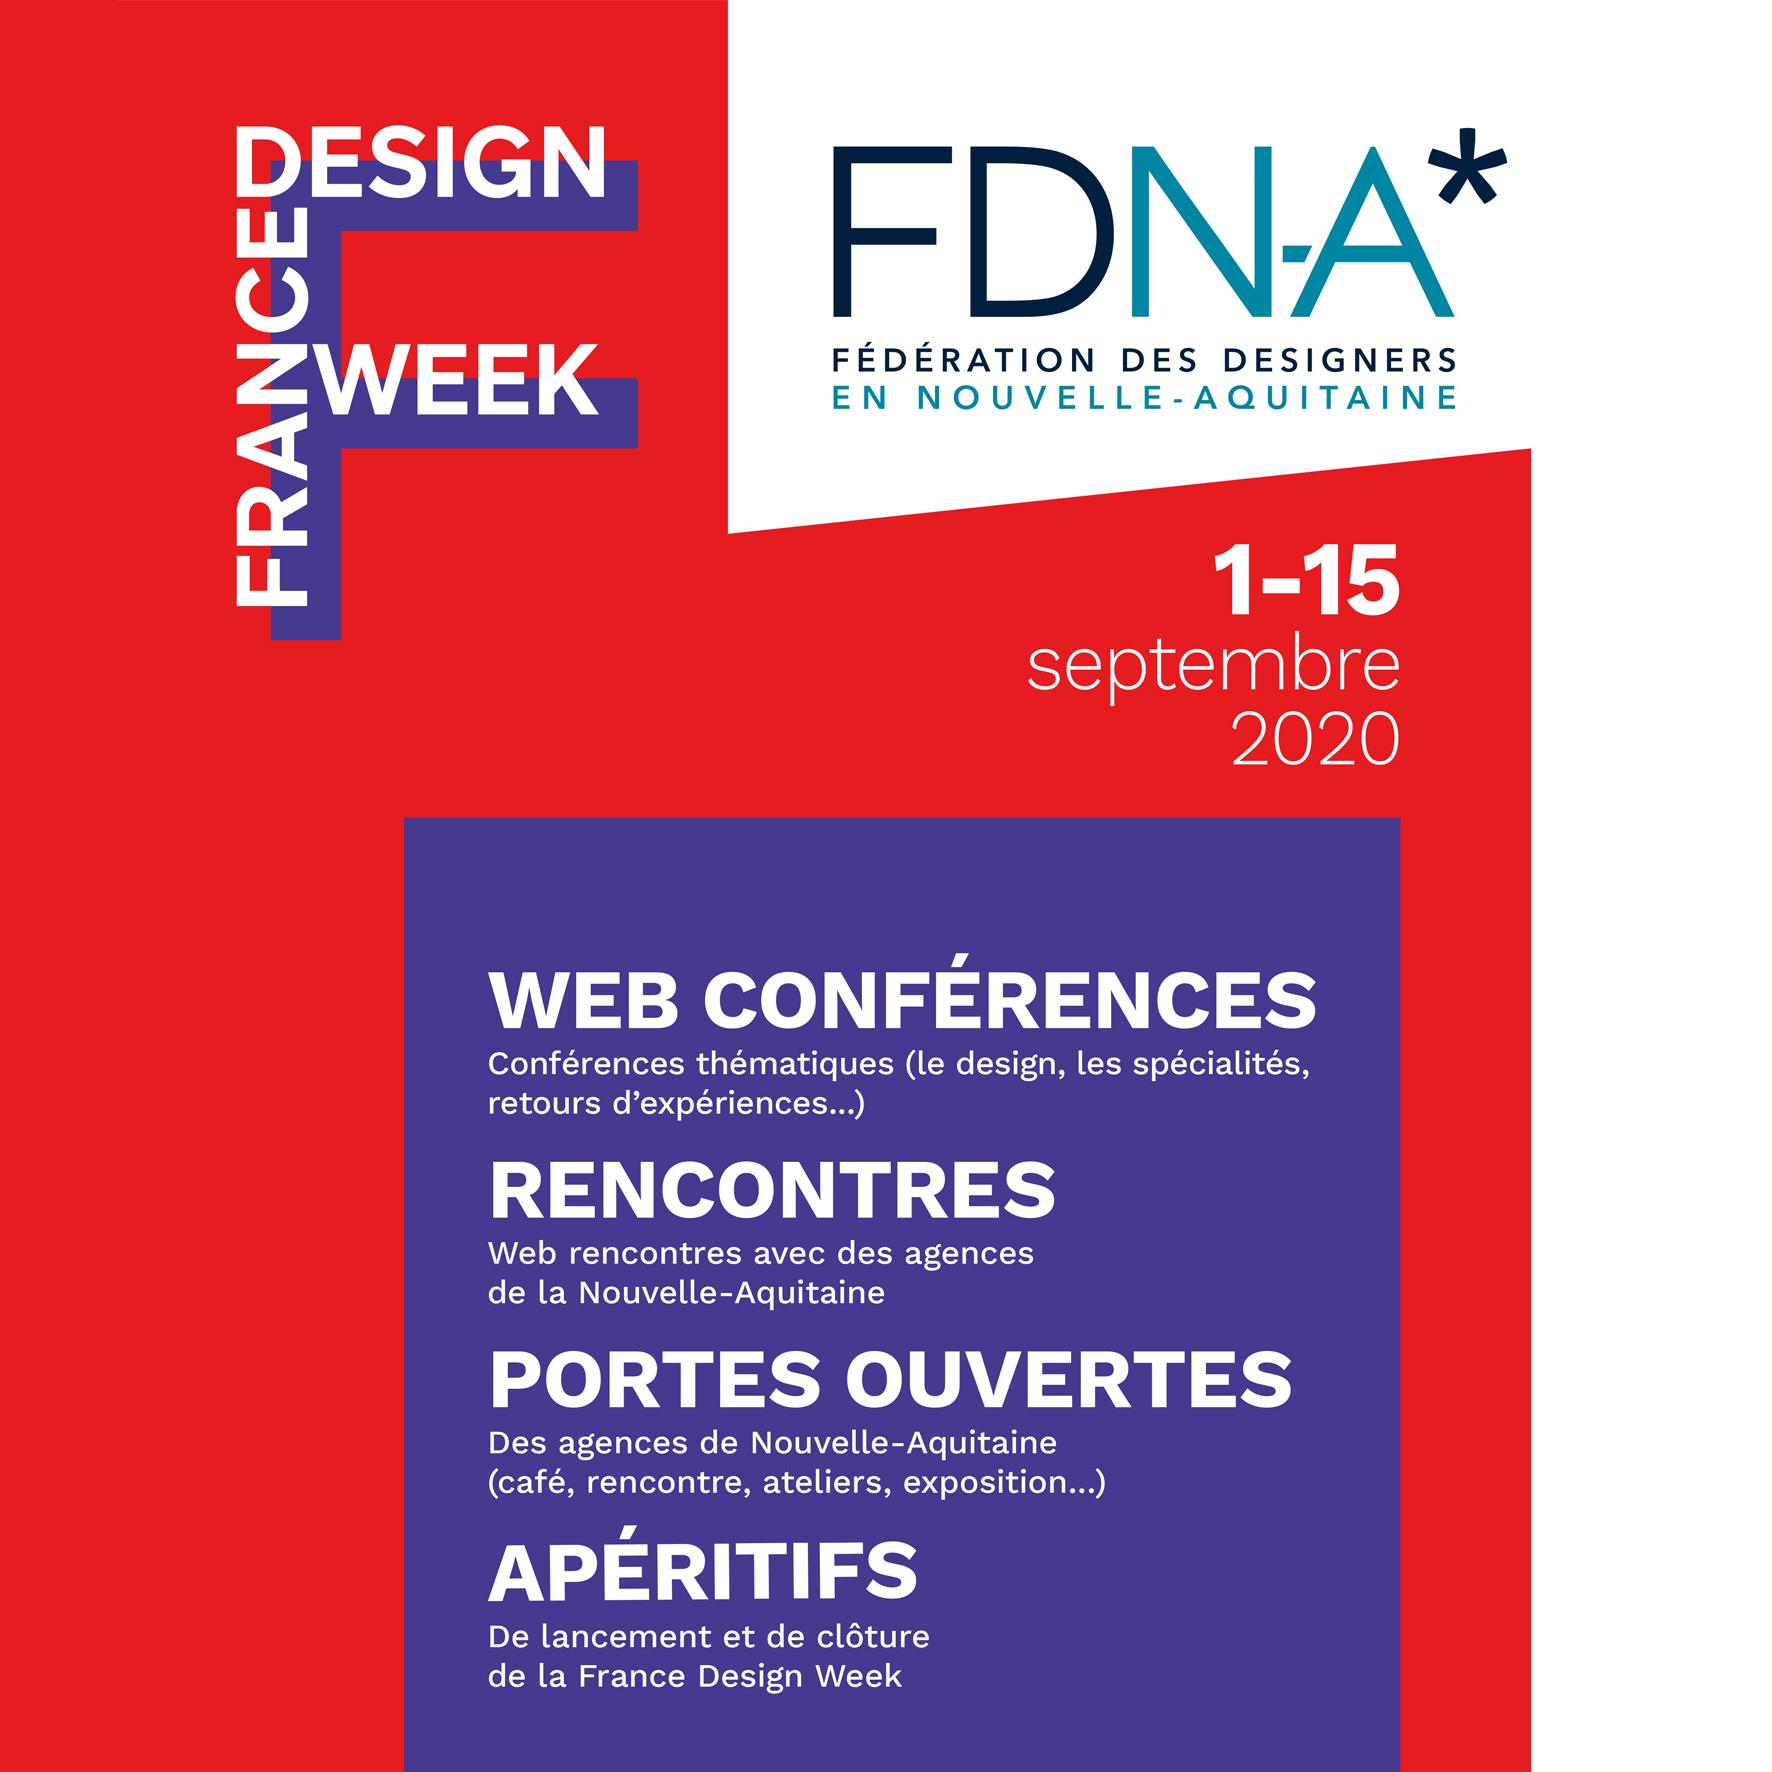 France design week - FDNA